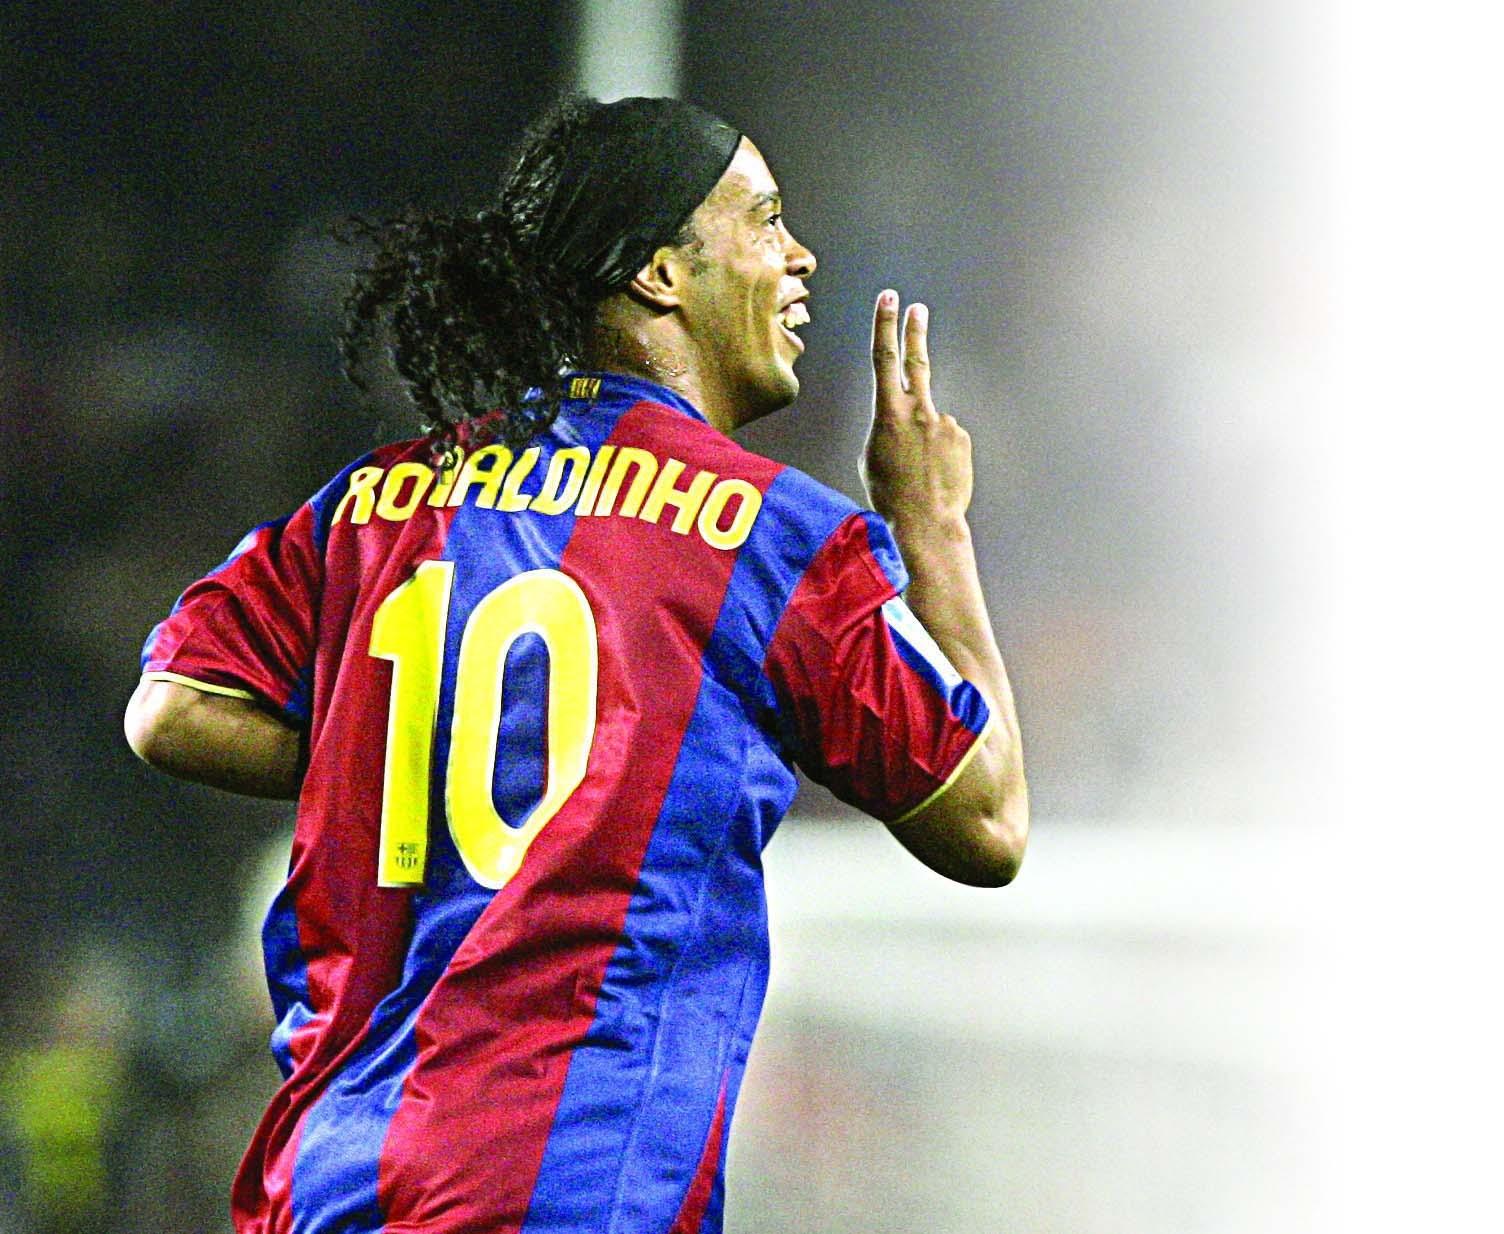 Ronaldinho Kimdir Doğum Günü